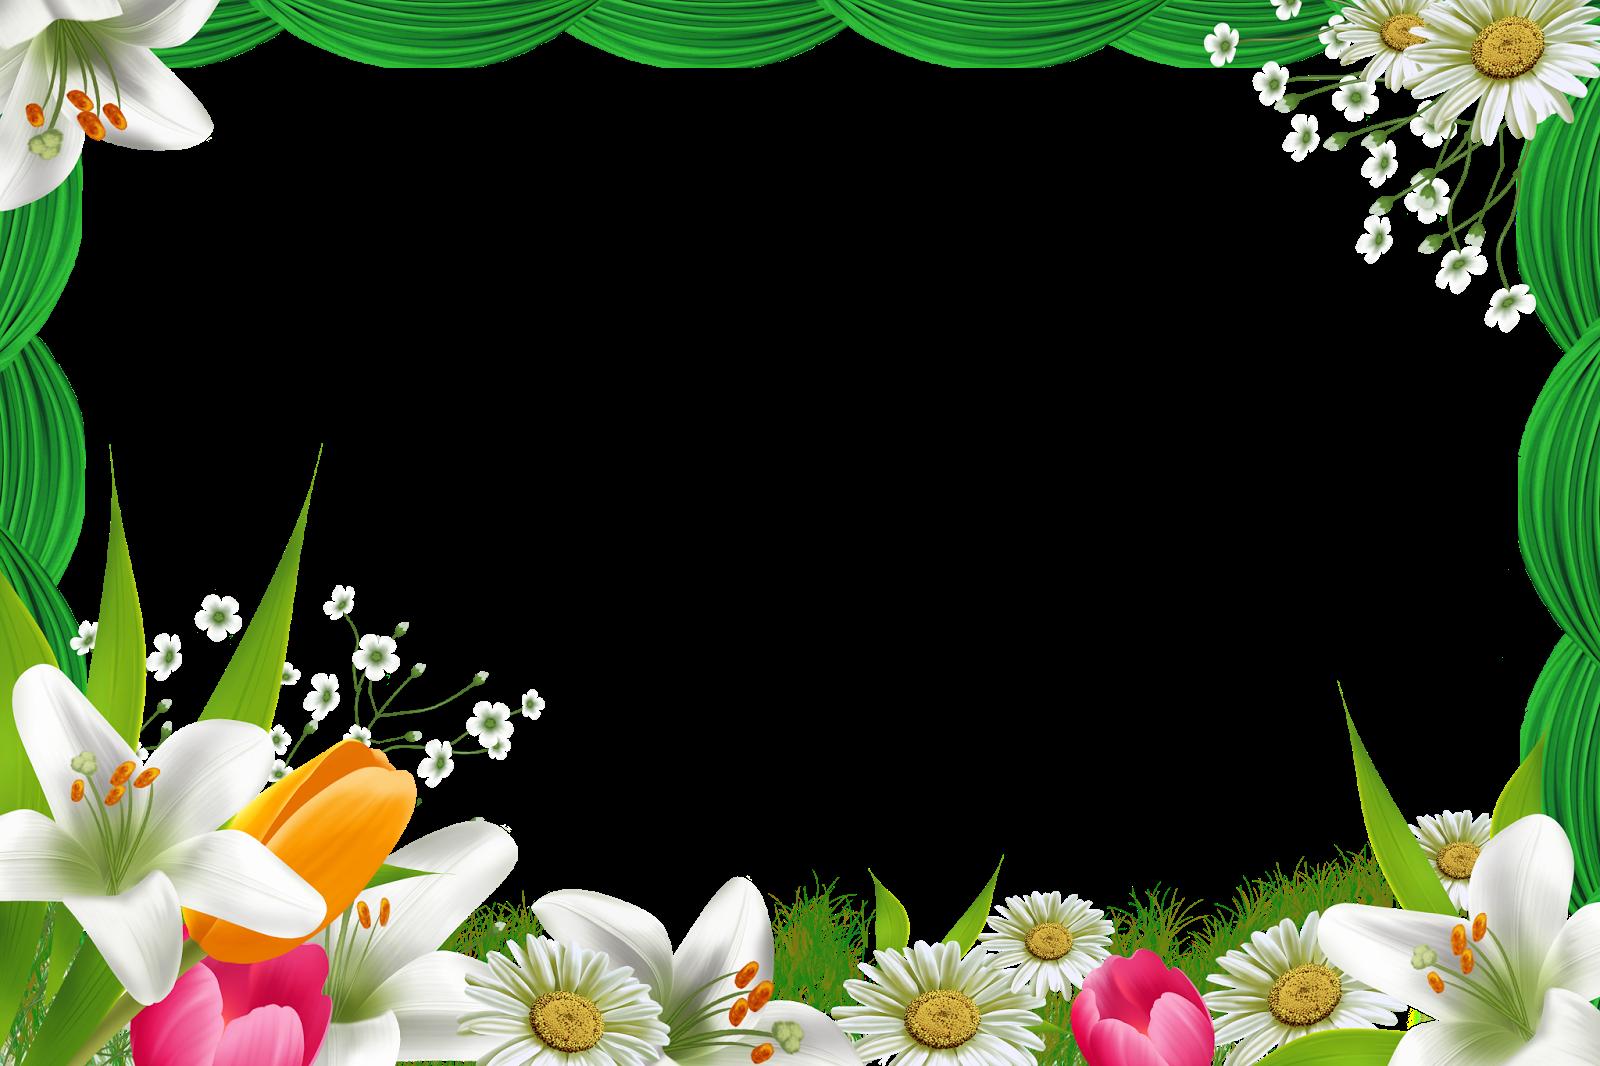 Рамка для поздравления весна, юбилеем